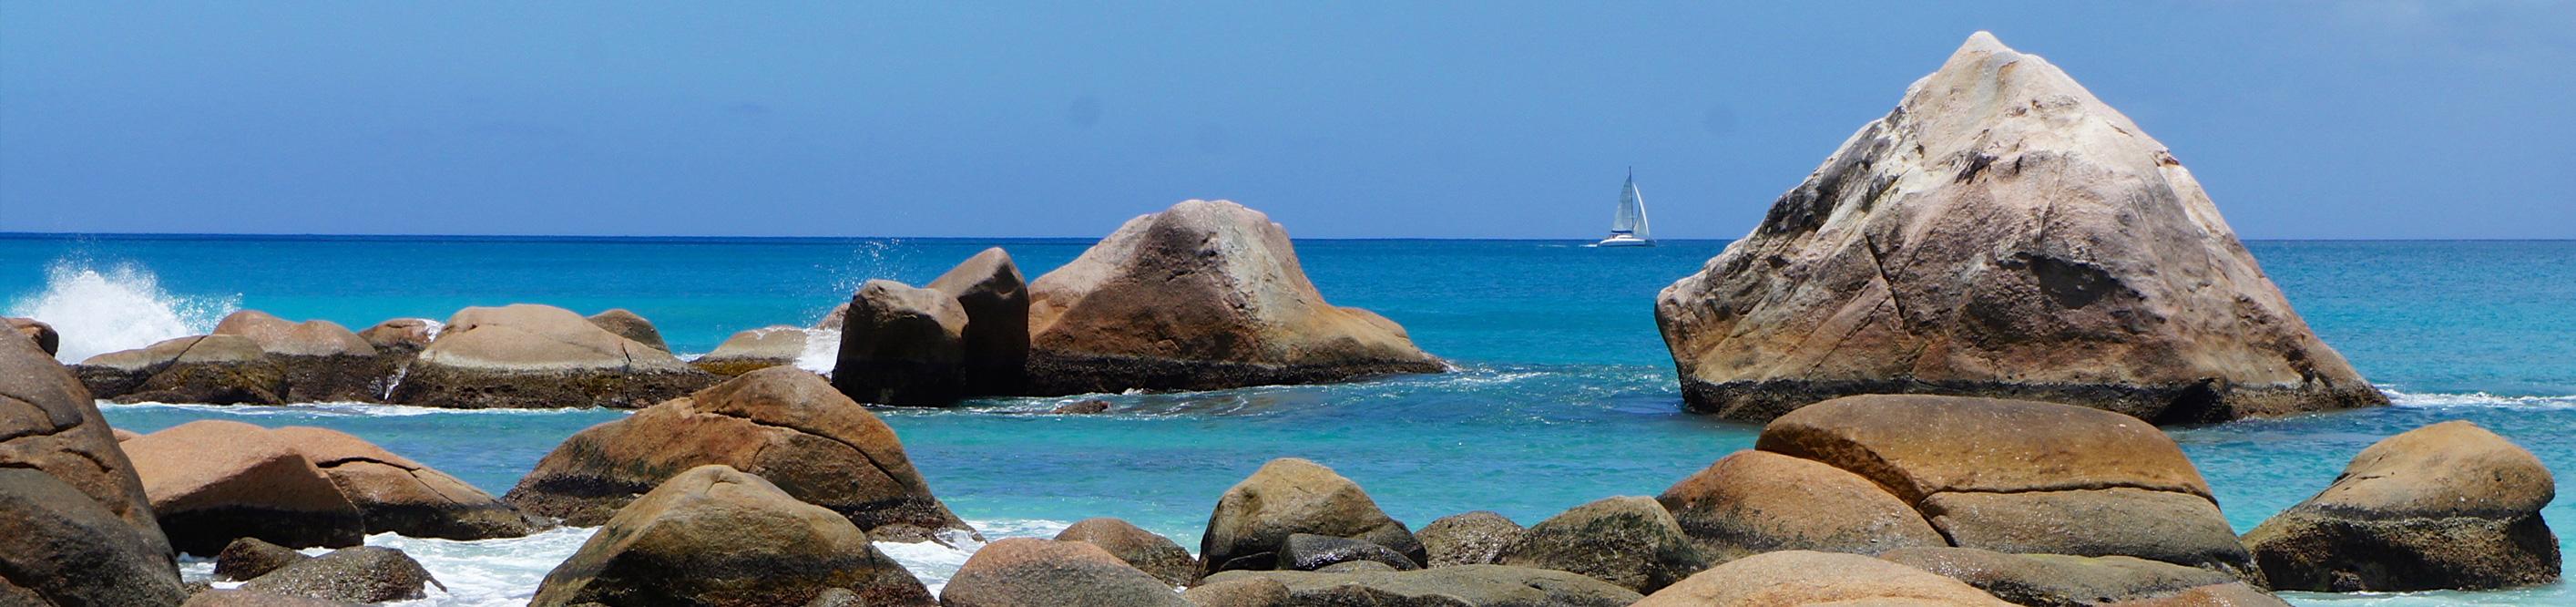 Морской круиз по Сейшелам